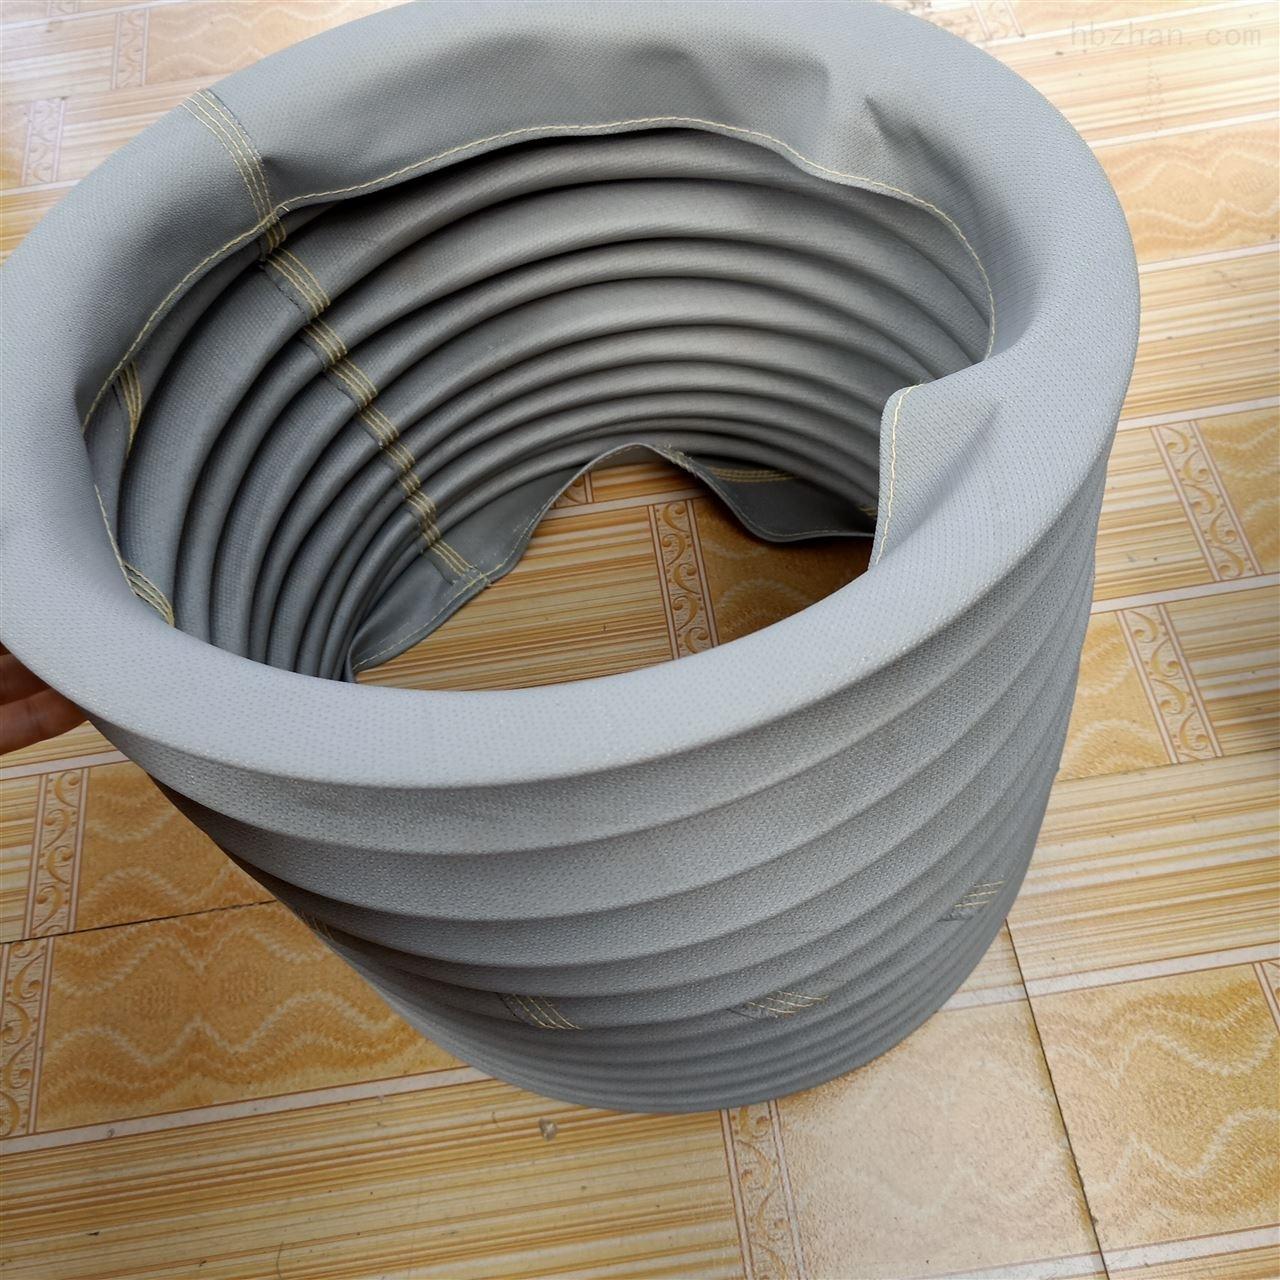 矿山机械用圆形丝杠防尘套